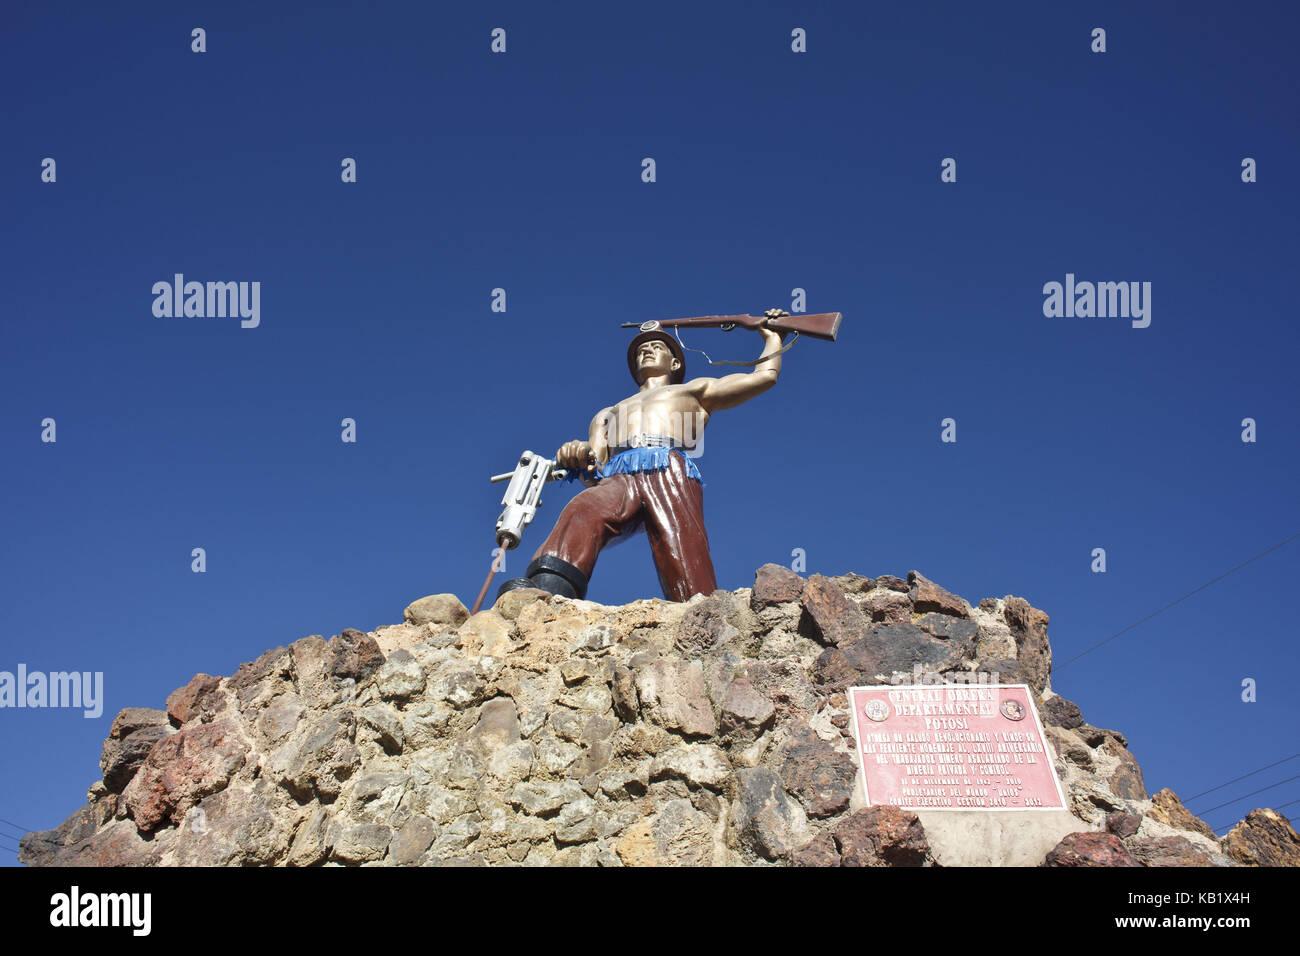 Bolivia, Potosi, monument El Minero, - Stock Image